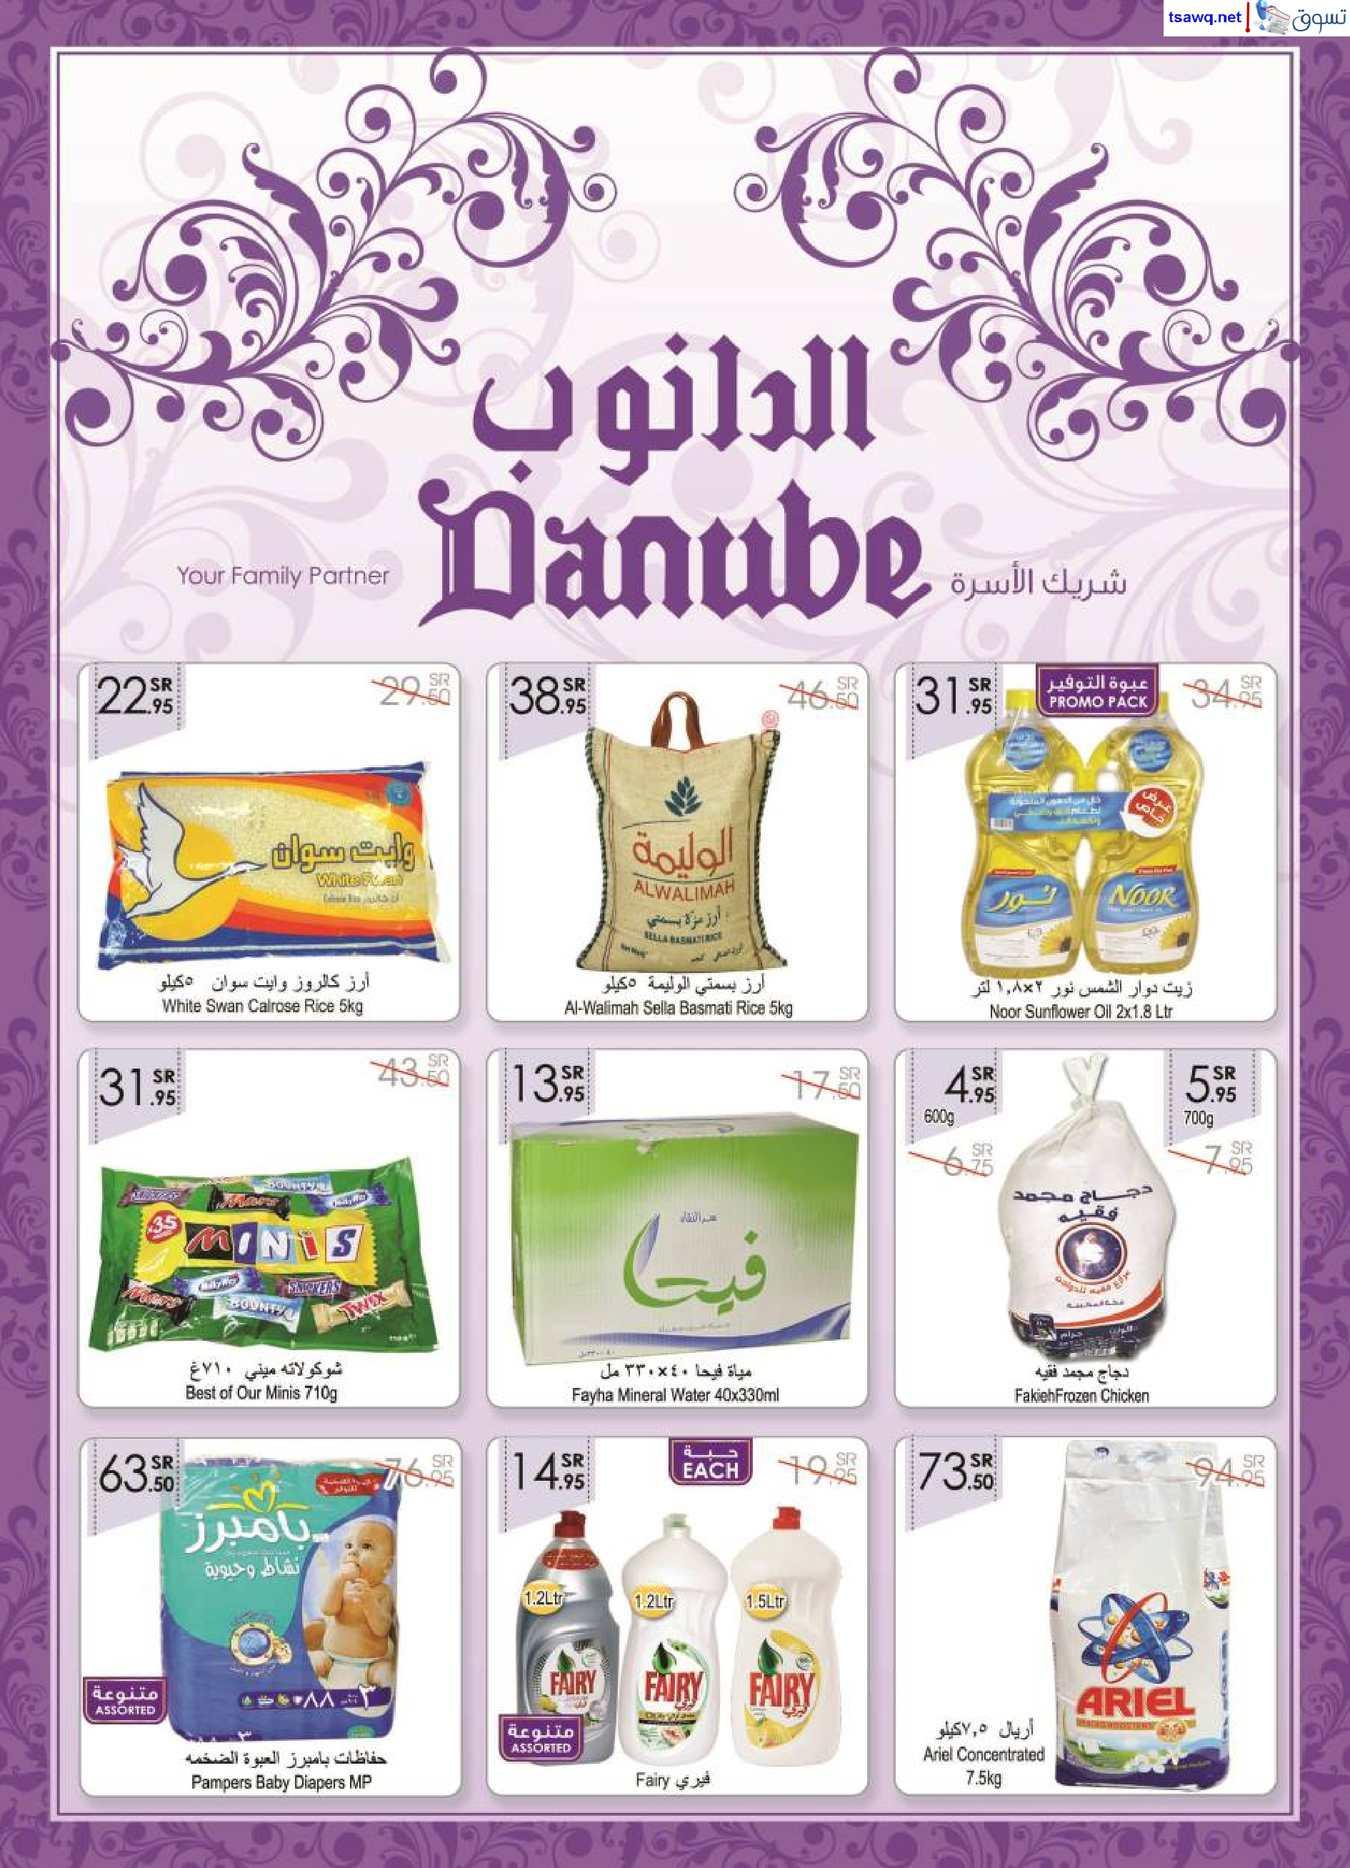 9b2fe60df عروض الدانوب الرياض السعودية من 18 فبراير حتى 24 فبراير 2015 أو حتى نفاذ  الكمية | تسوق نت